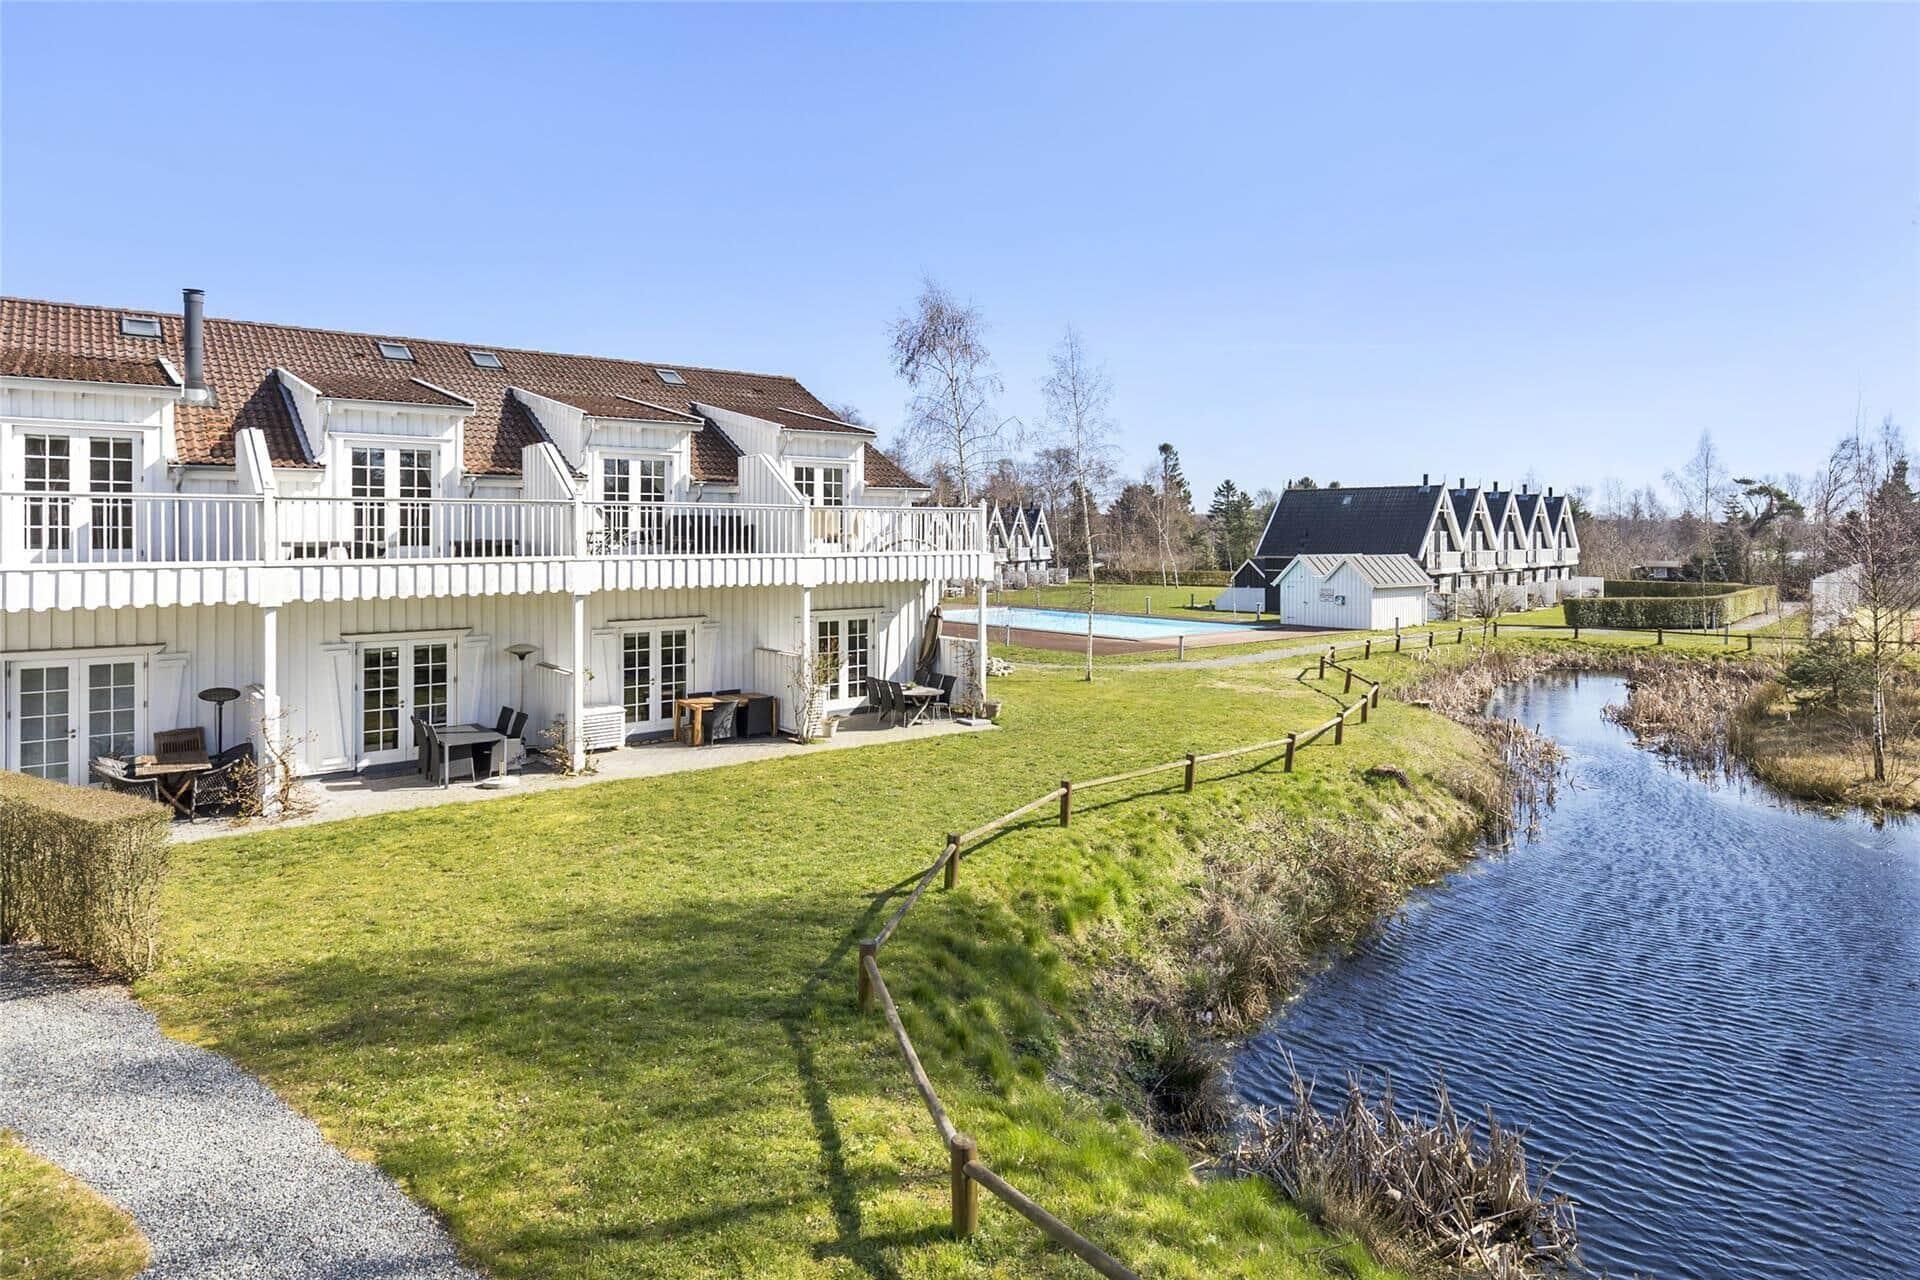 Billede 1-17 Sommerhus 10117, Bystedvej 10, hus 29 0, DK - 4500 Nykøbing Sj